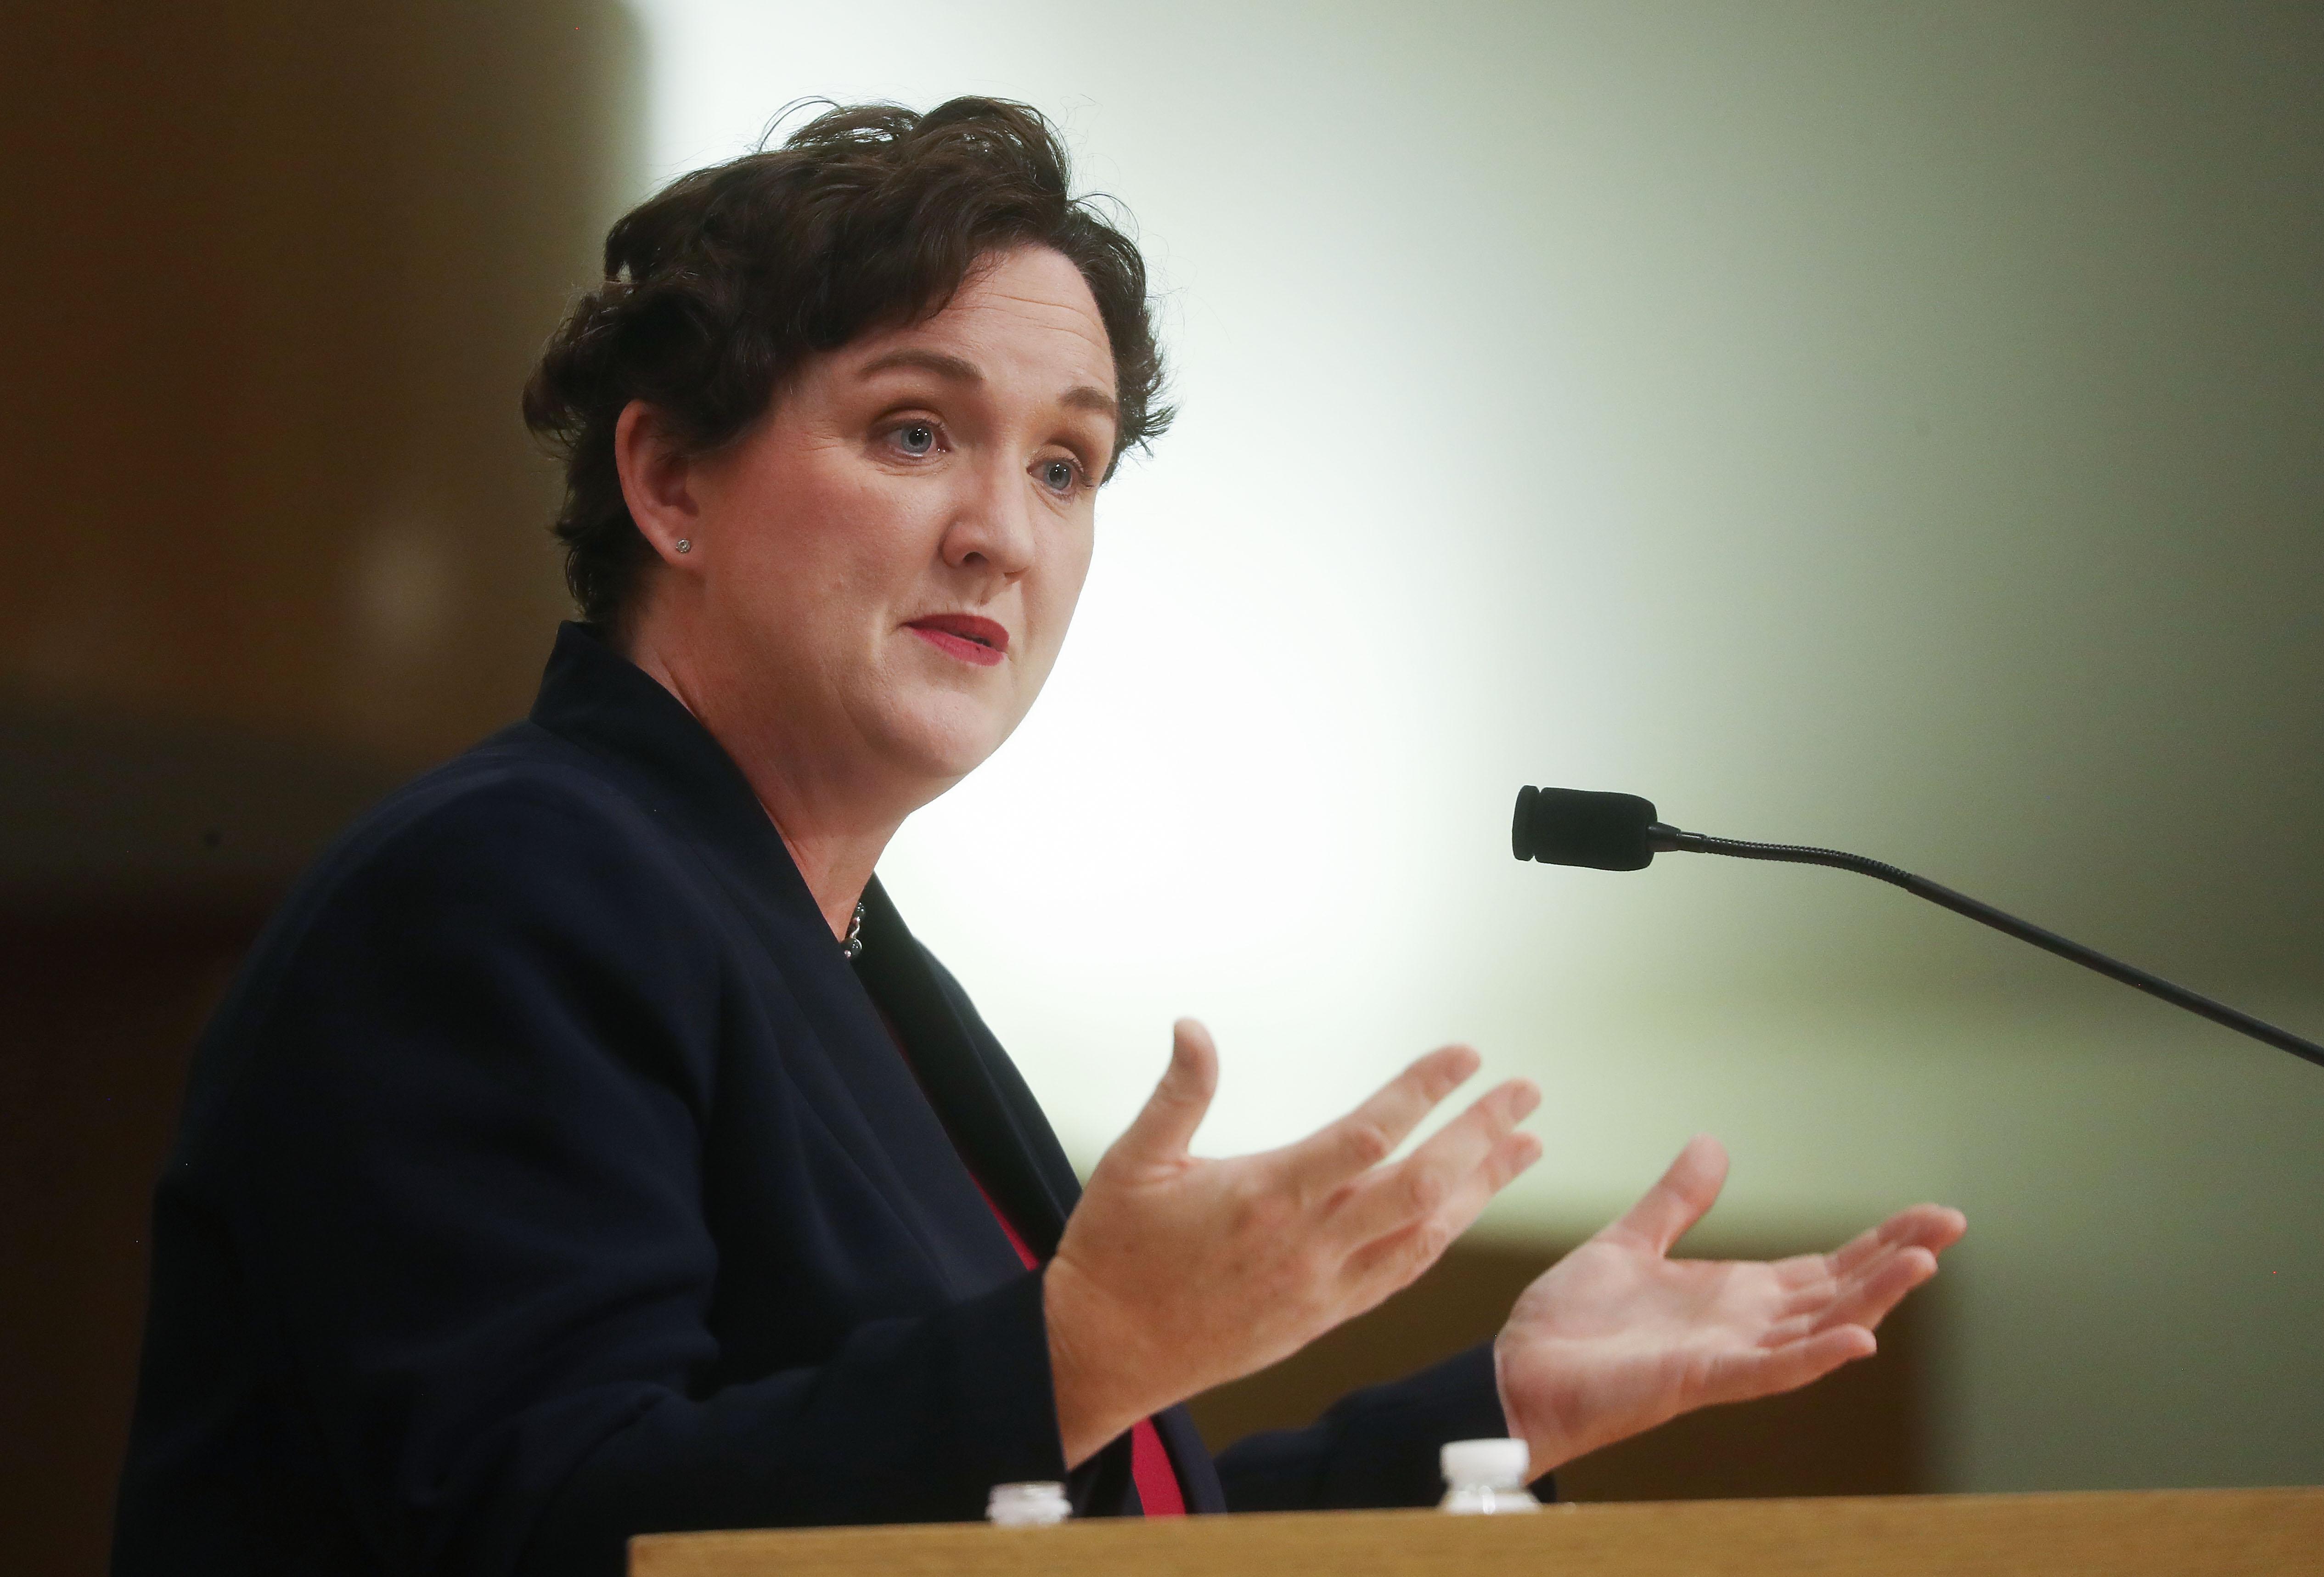 Los politicos del año 2019: Katie Porter. Photo: Getty Images